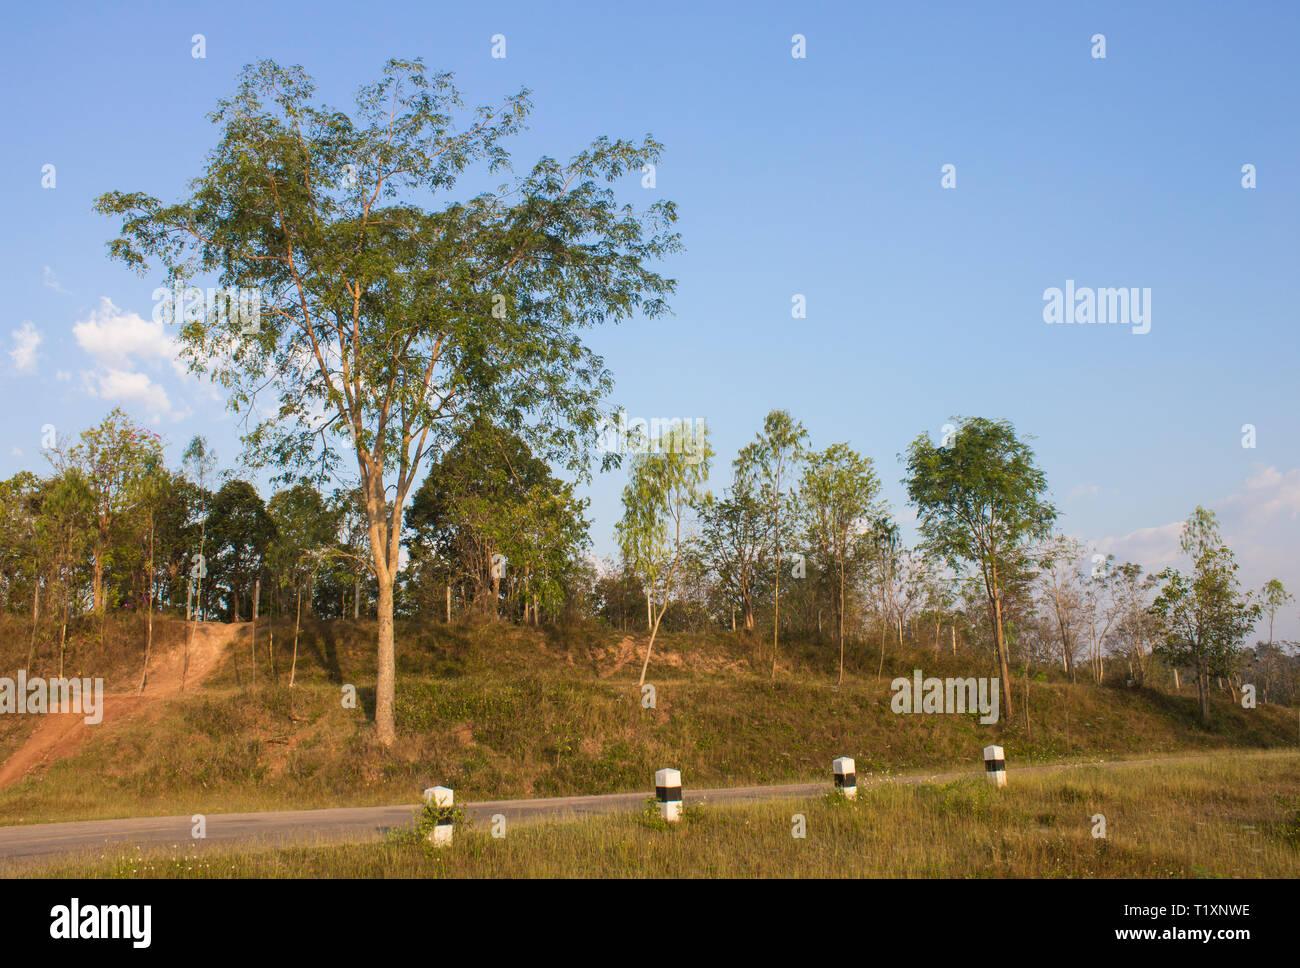 Baum auf Hügel mit blauen Himmel und im linken Frame. Baum Landschaft mit blauem Himmel und Straße bei gutem Wetter im Winter Stockfoto